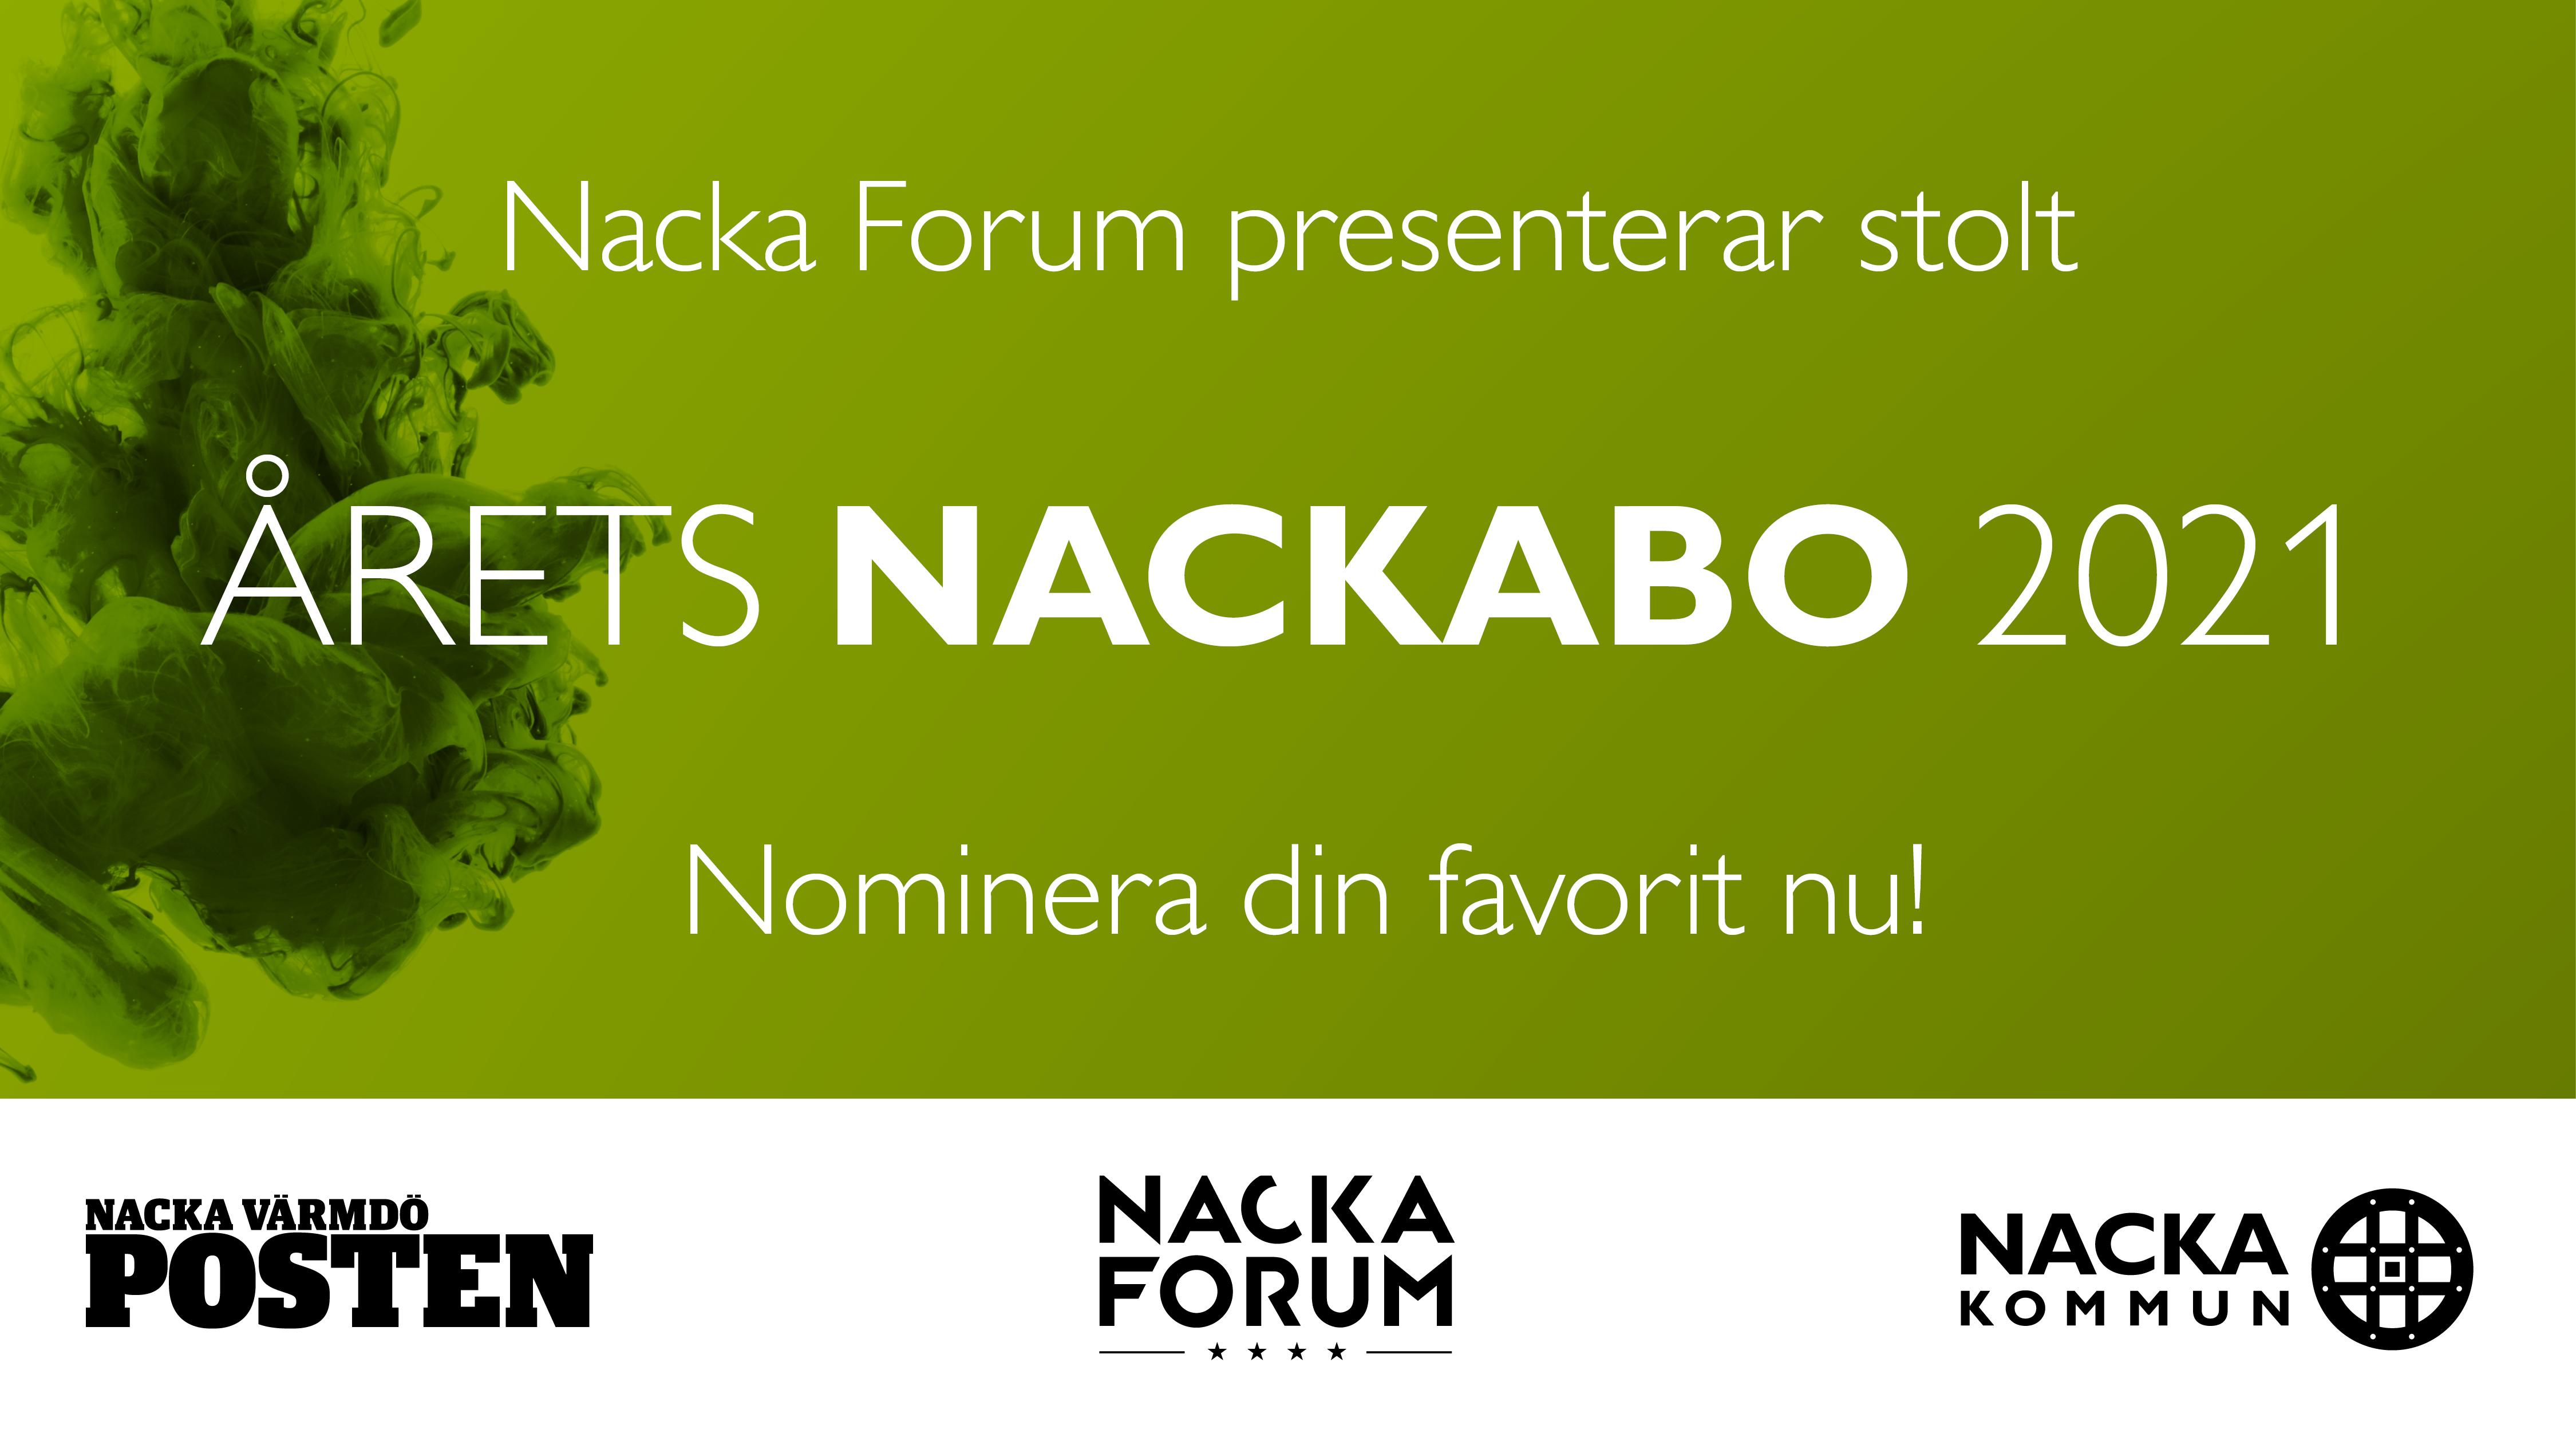 Nacka Forum presenterar Årets Nackabo 2021